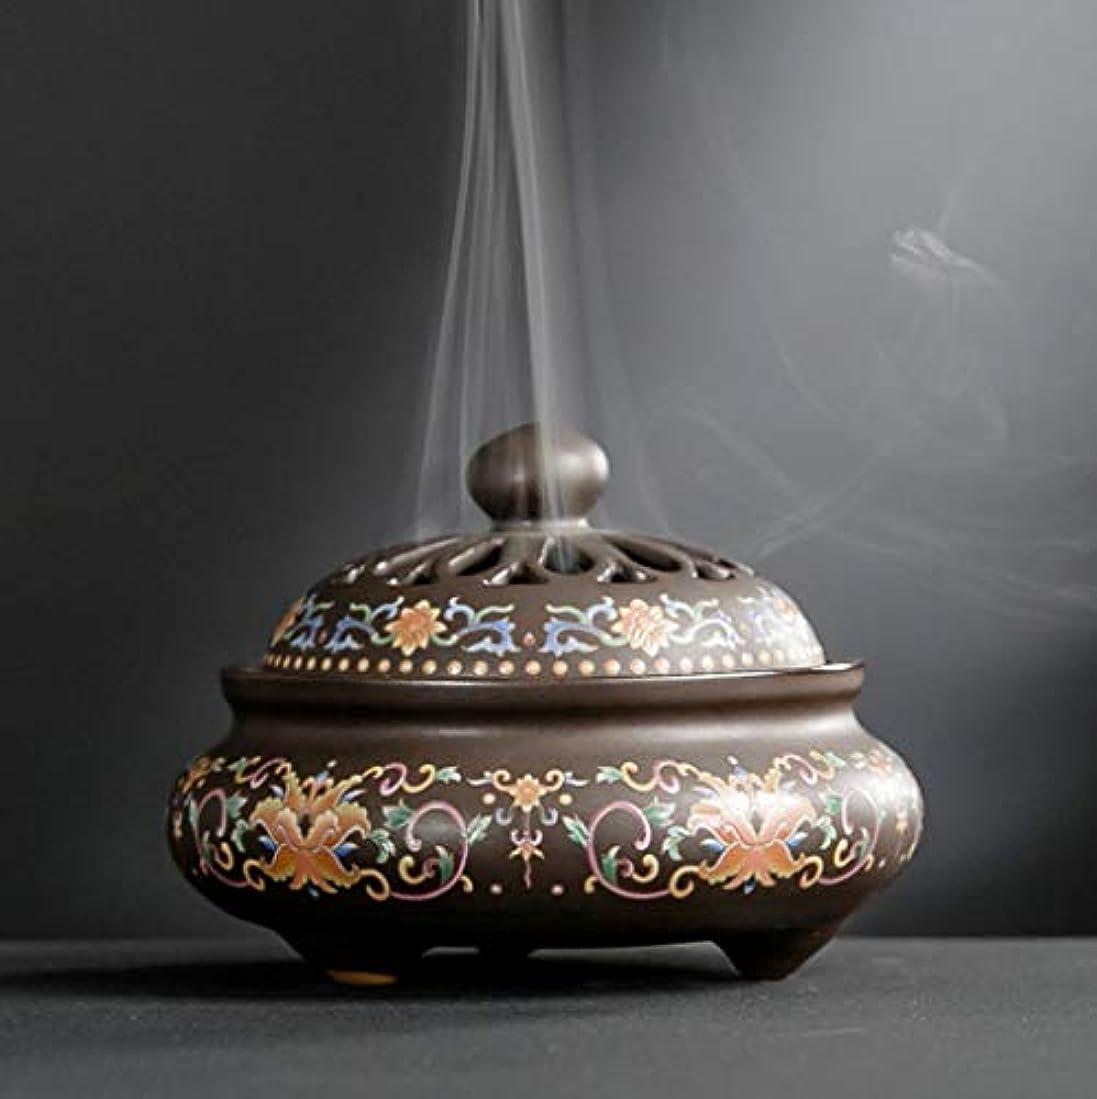 メンテナンス鳥励起YONIK 香炉 渦巻き線香ホルダー 蚊取り線香ホルダー 線香入れ 磁器 香皿 蓋付き 香立て付き 和風